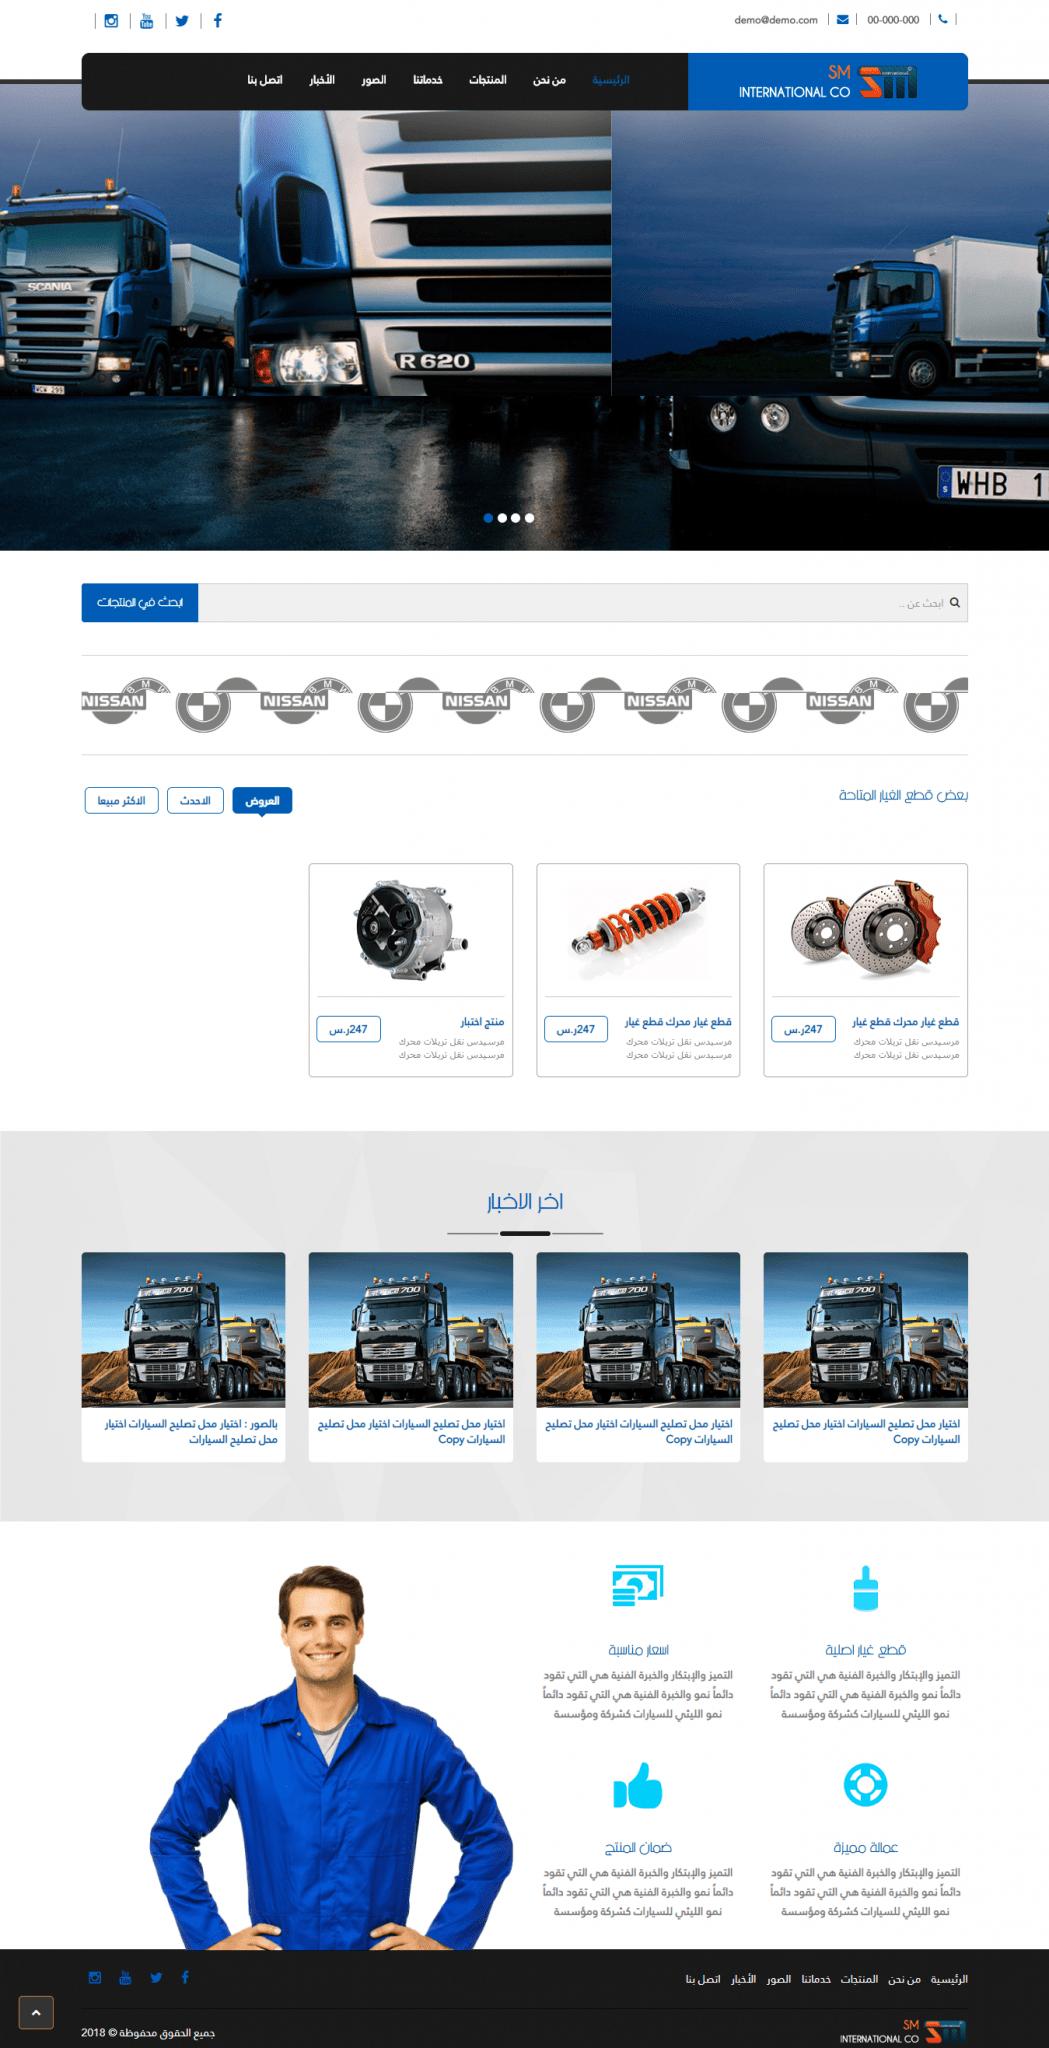 تصميم موقع شركة صيانة سيارات